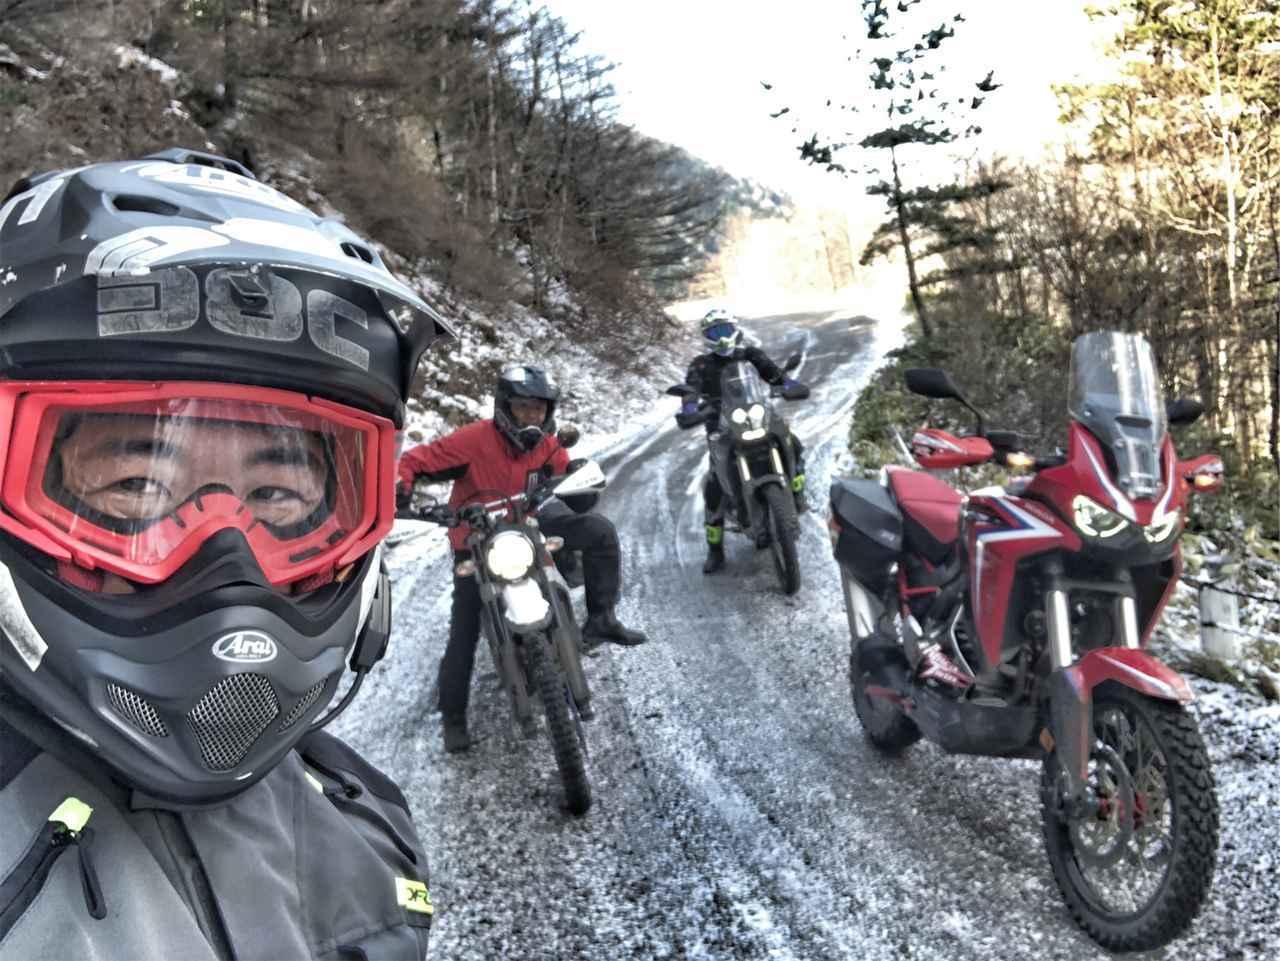 画像: 標高2000mの林道で春の雪? 雲上の野天風呂を目指してダートを駆けあがる!【三橋淳のアフリカツイン・トリップ】 - webオートバイ